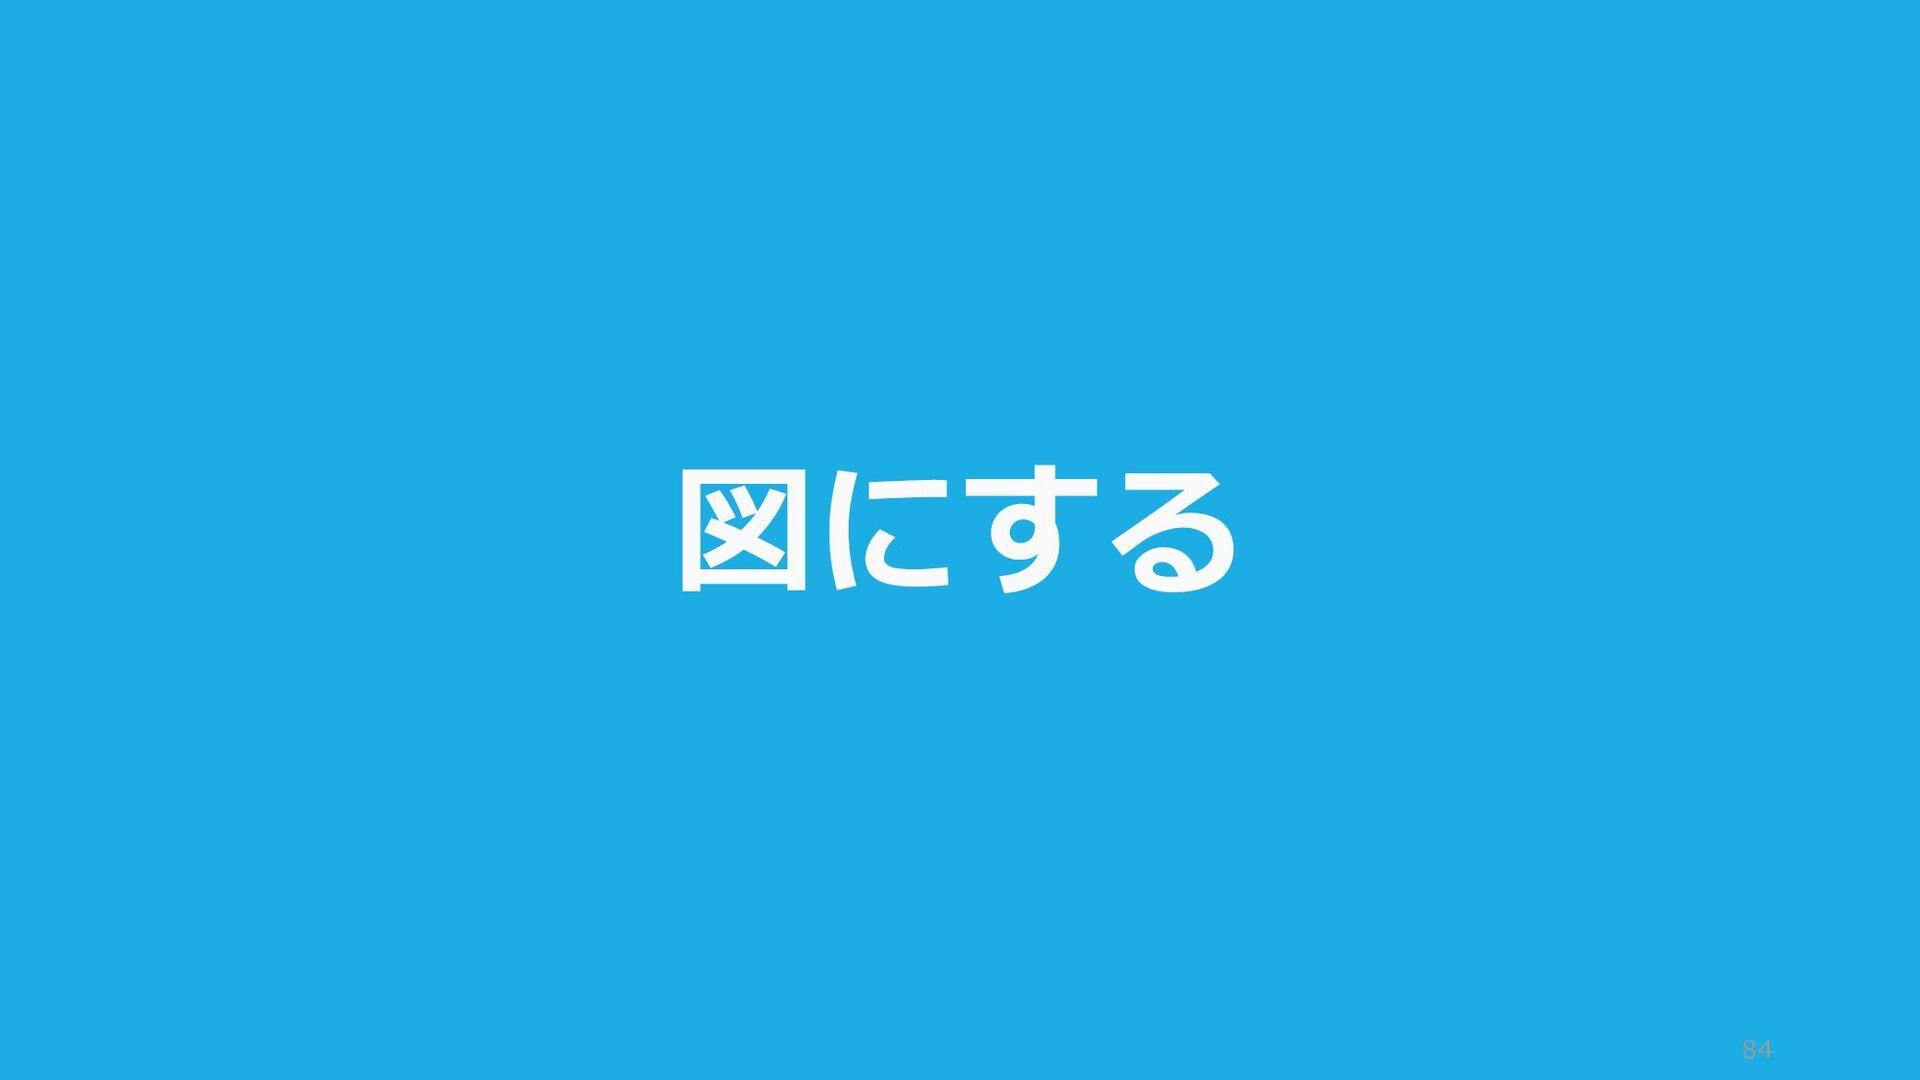 原因分析:コーザリティ分析 (Causal Analysis) その背景には「共通の話題がない...